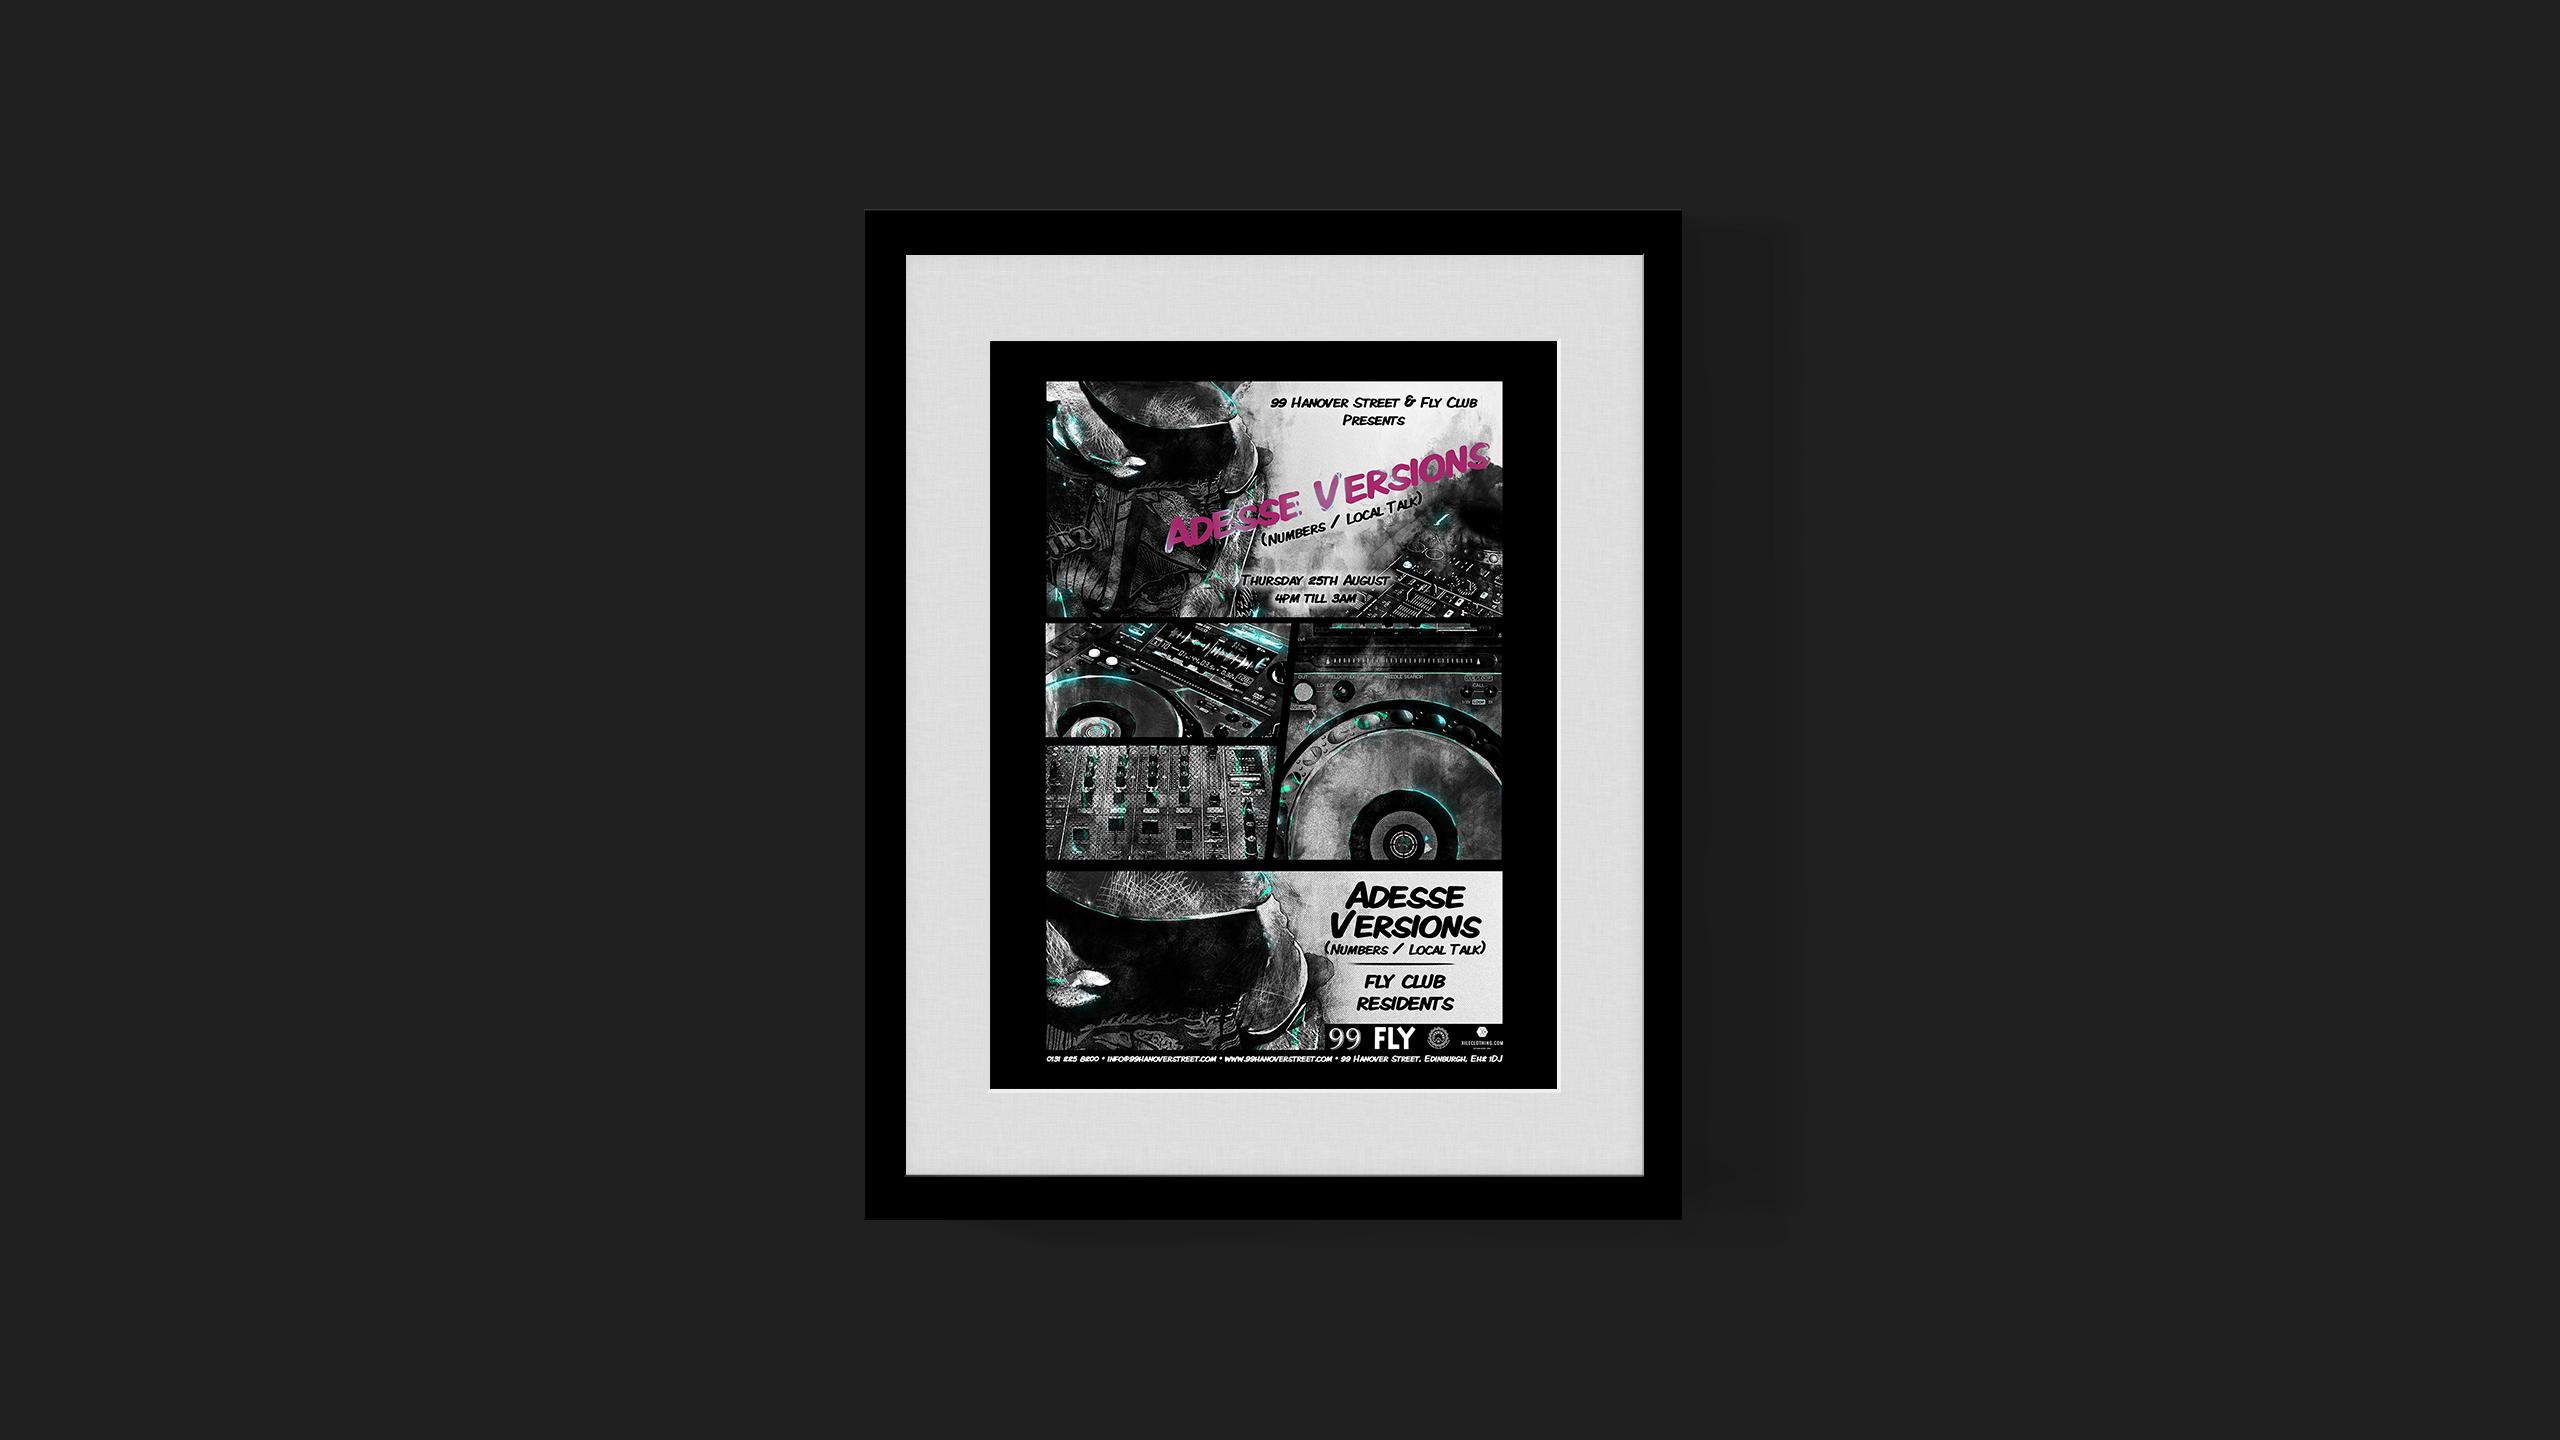 Adesse Versions poster created 99 Hanover Street Edinburgh Fringe Festival '16